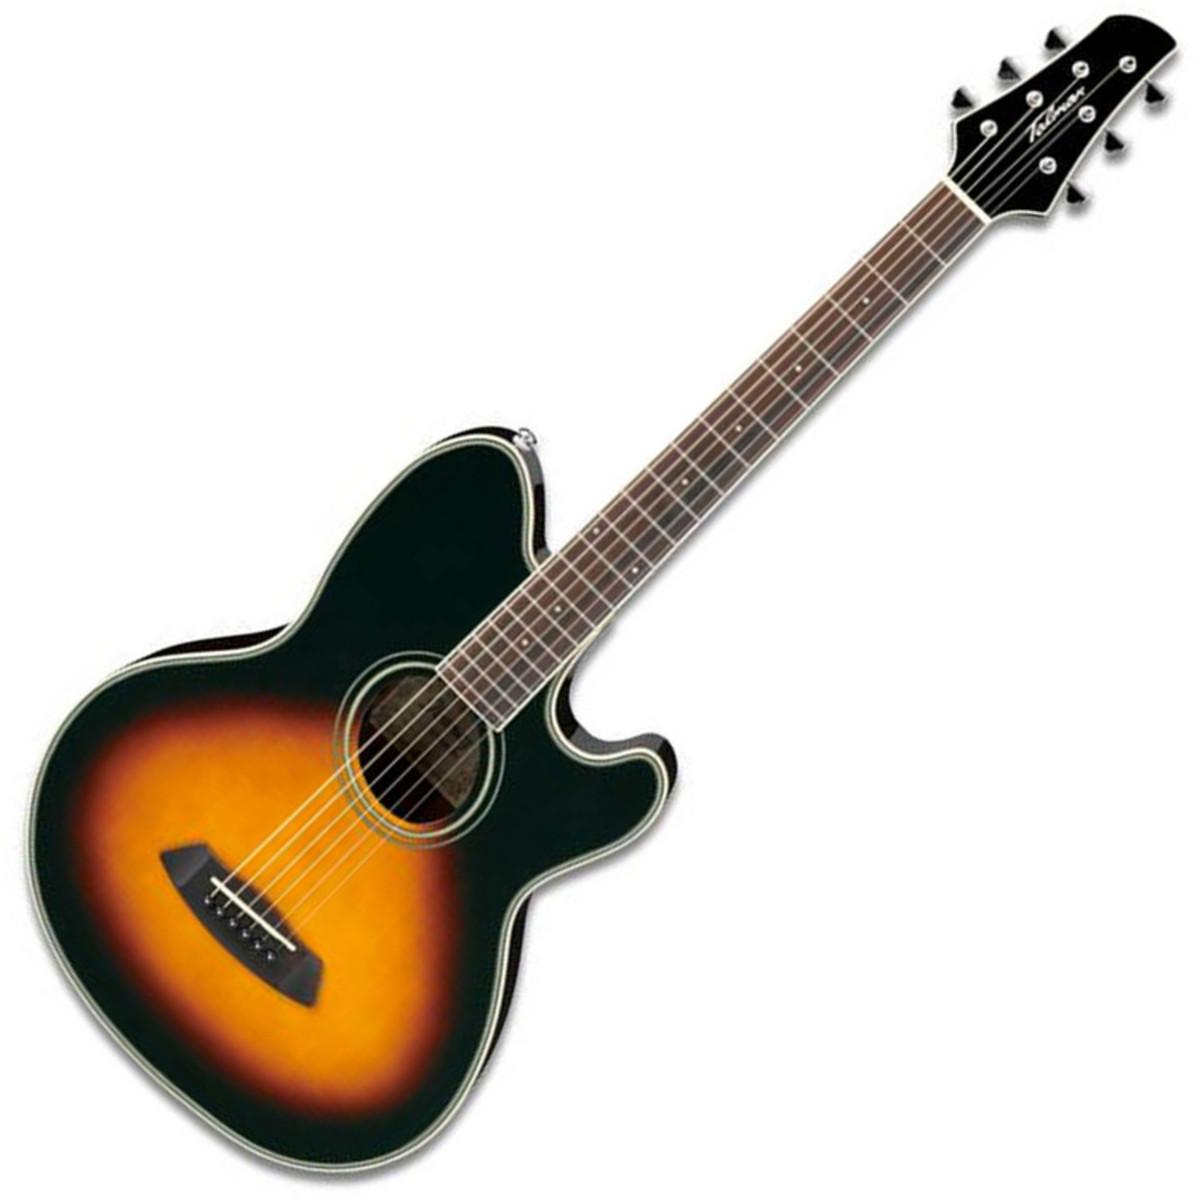 Vintage Guitarras, Banyos y Mandolinas en